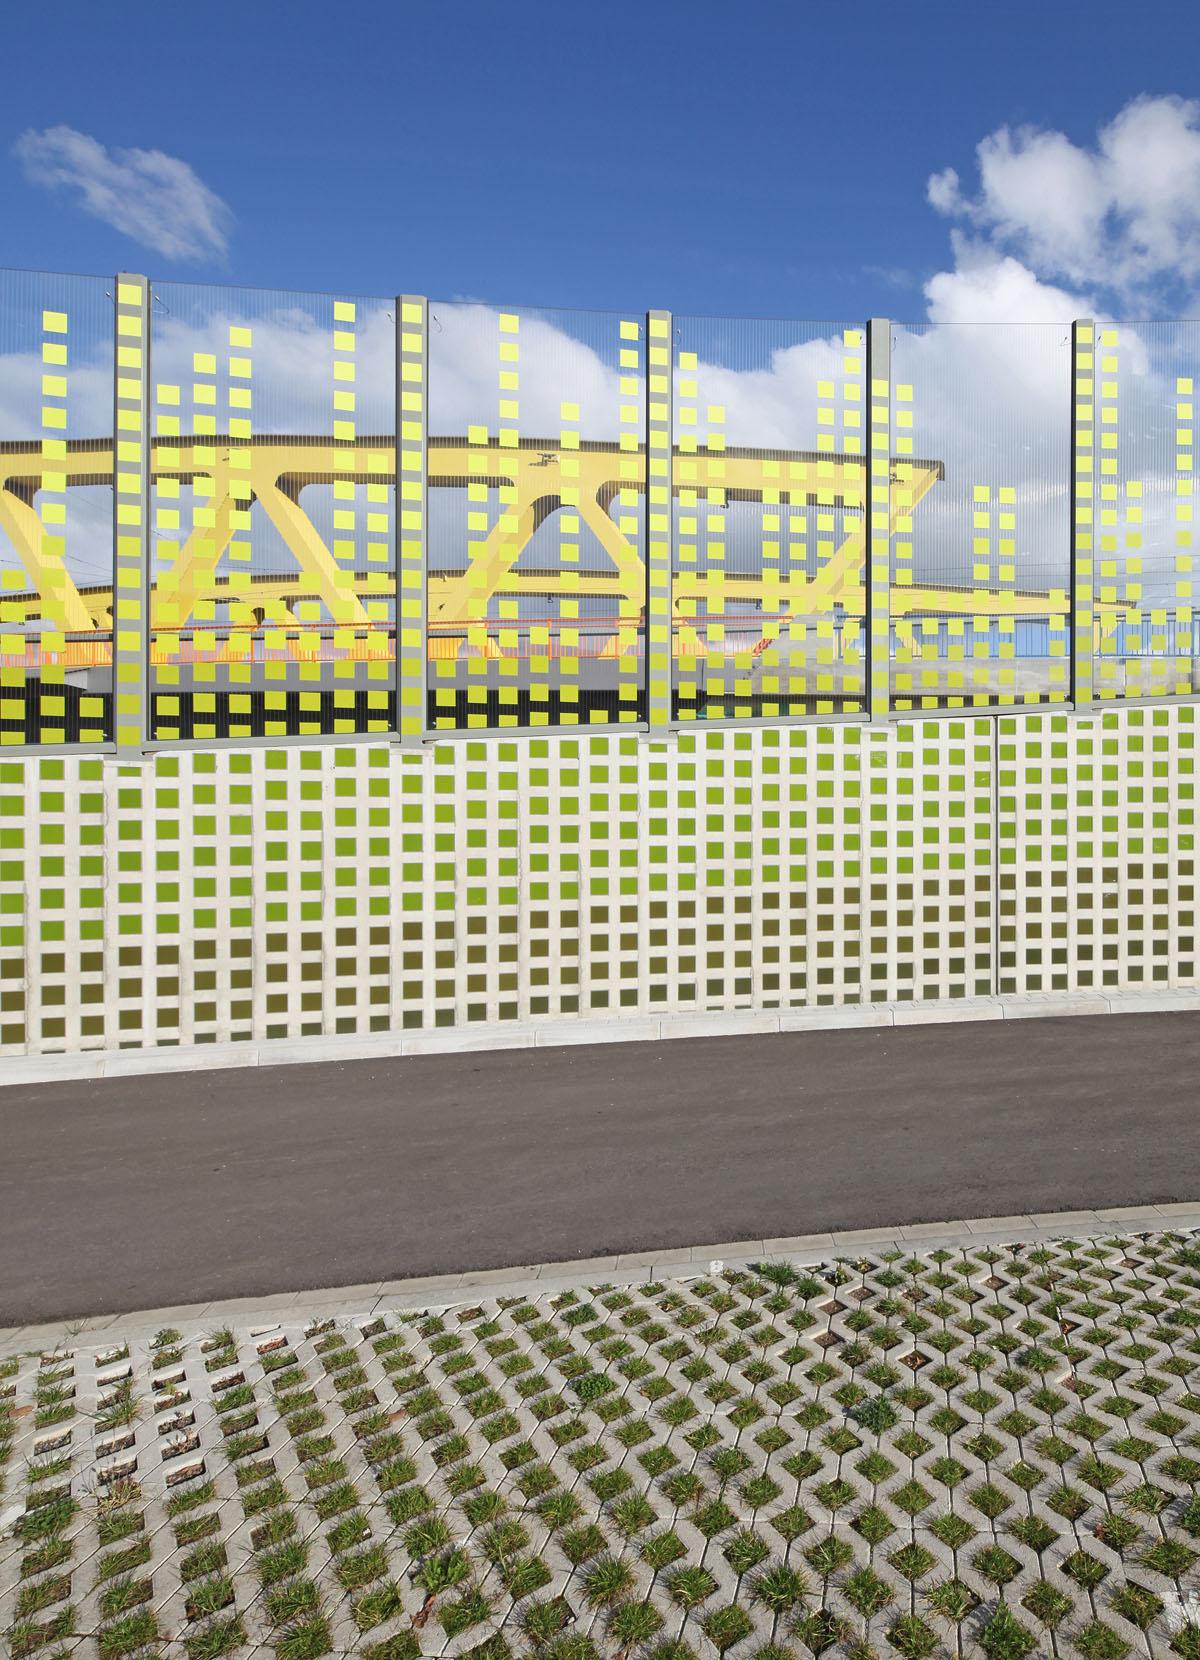 Bild der Lärmschutzwand an der Südtangente in Mannheim. Foto der Wand über die ganze Höhe. Teilung in Stützwand aus Stahlbeton unten und darauf Glasscheiben. Raster aus grünen Pixeln löst sich im Glasbereich unregelmäßig auf. Dahinter erkennt man das Rampenbauwerk.